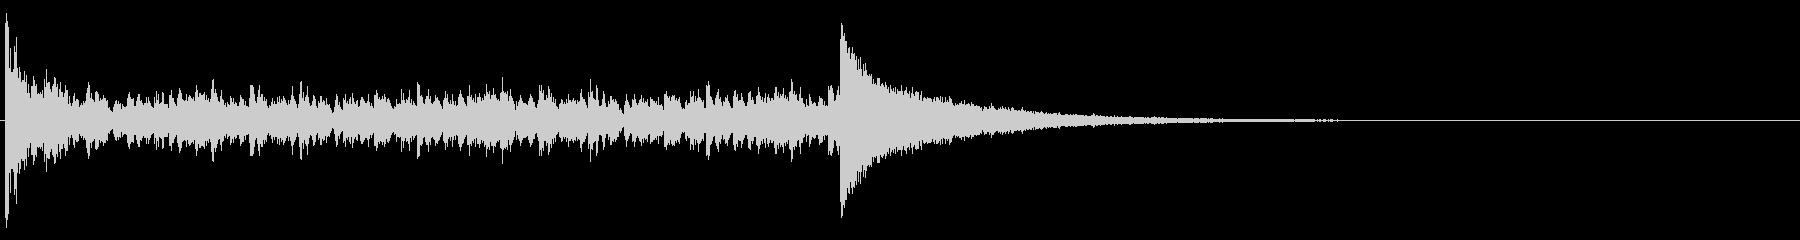 ドラムロール_5秒の未再生の波形